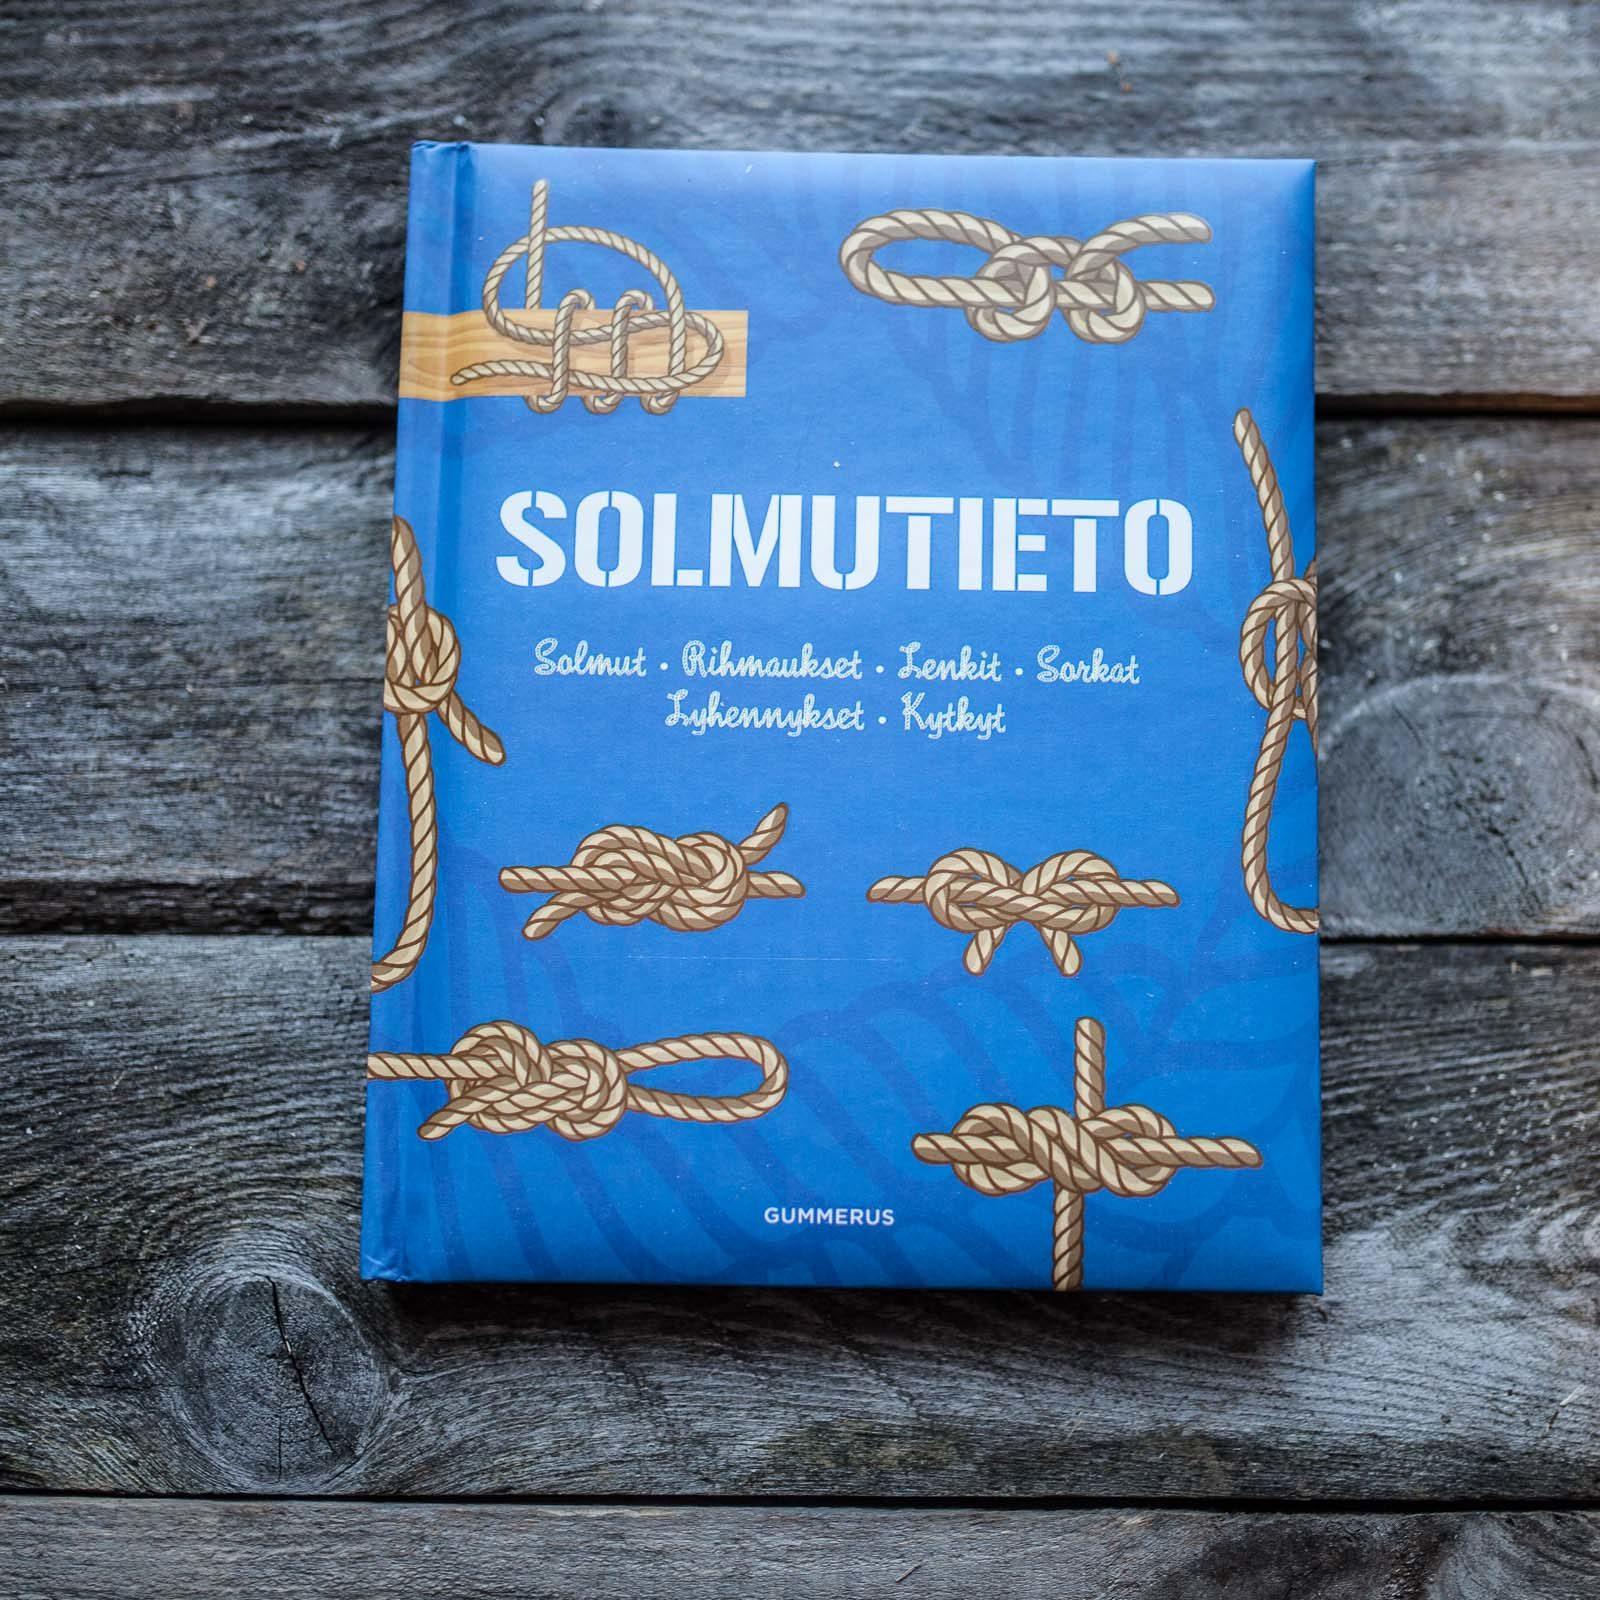 Solmutieto